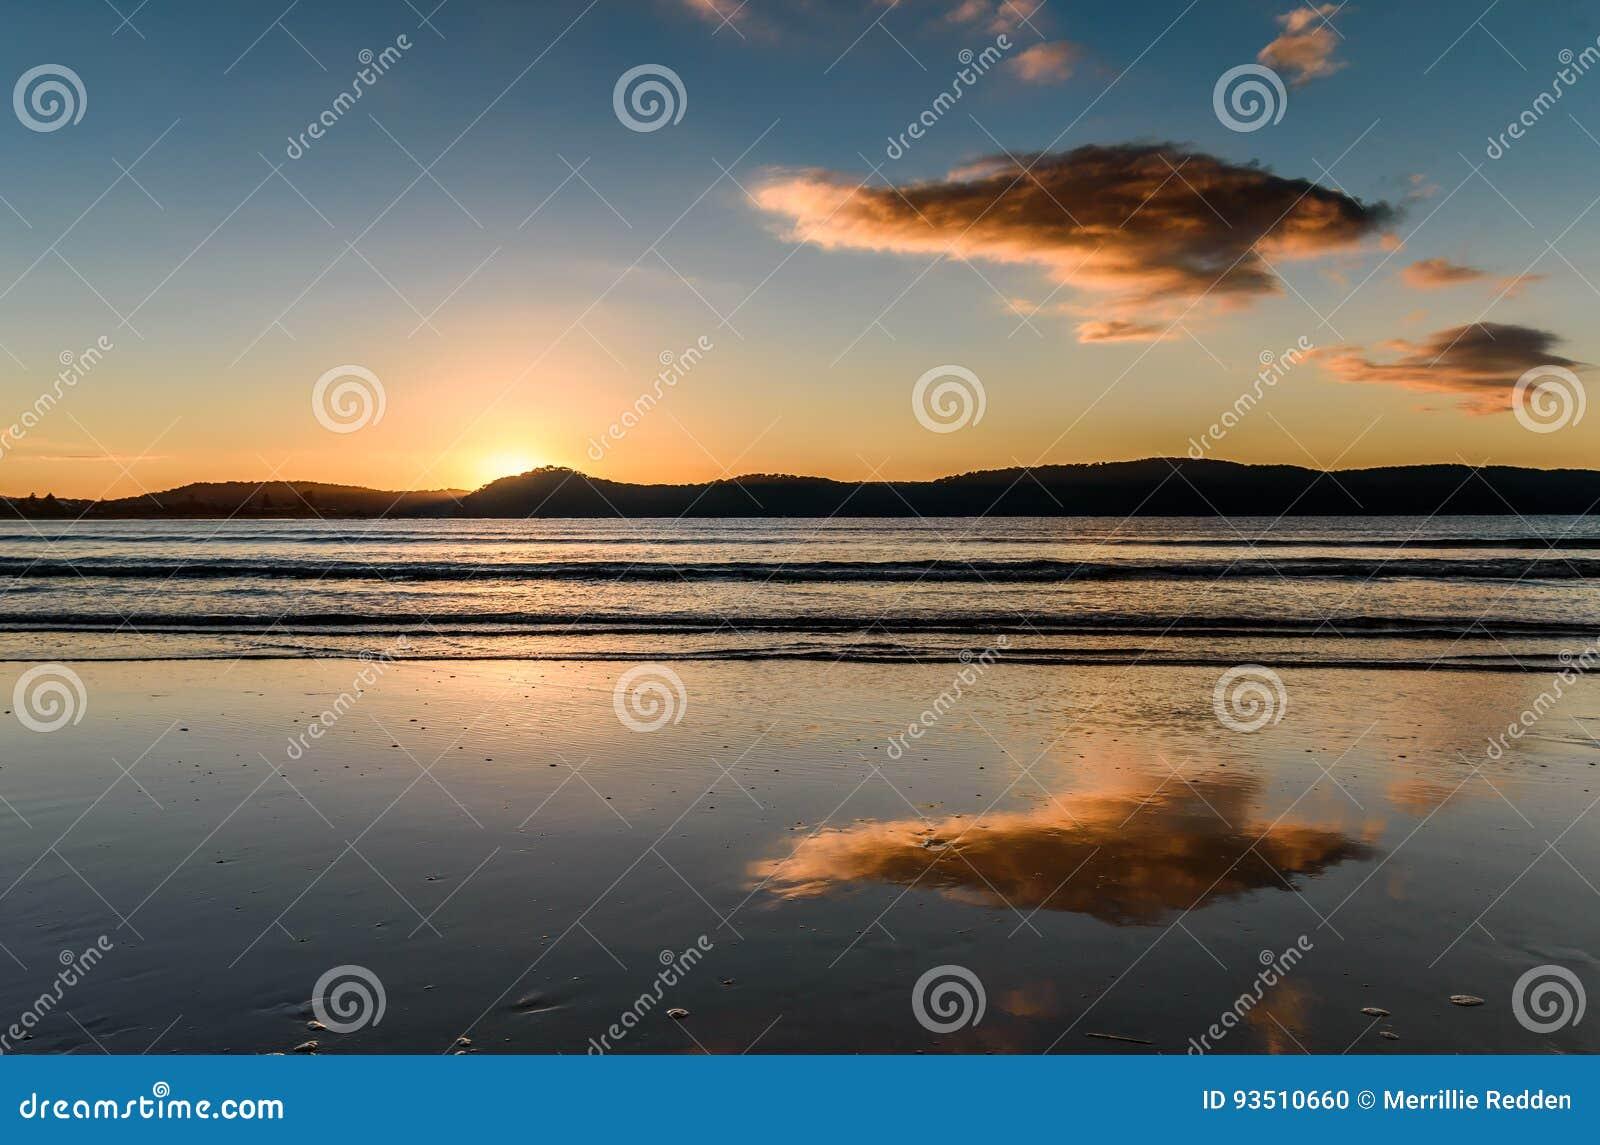 Paysage marin de lever de soleil avec des réflexions